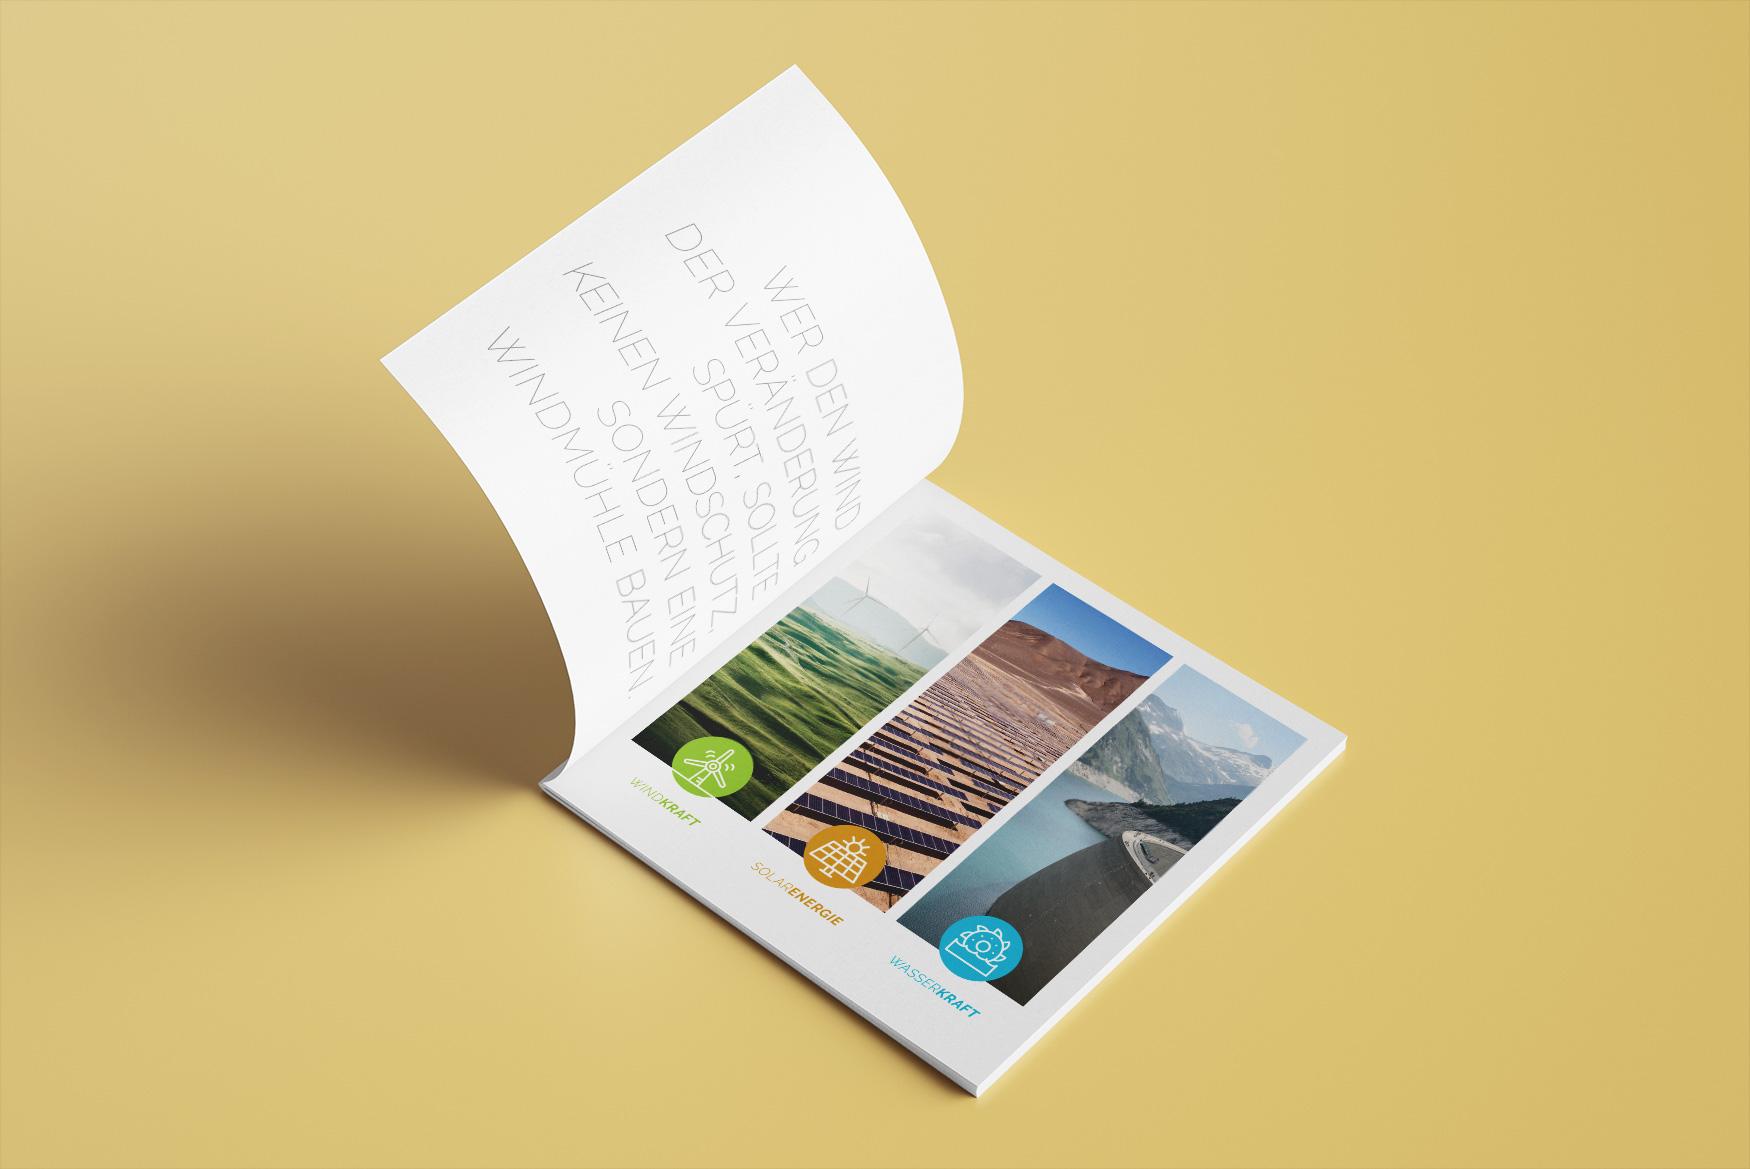 Editorial-Design-Broschuere-Stadtwerke-2-Designagentur-Stuttgart-Kreativbetrieb